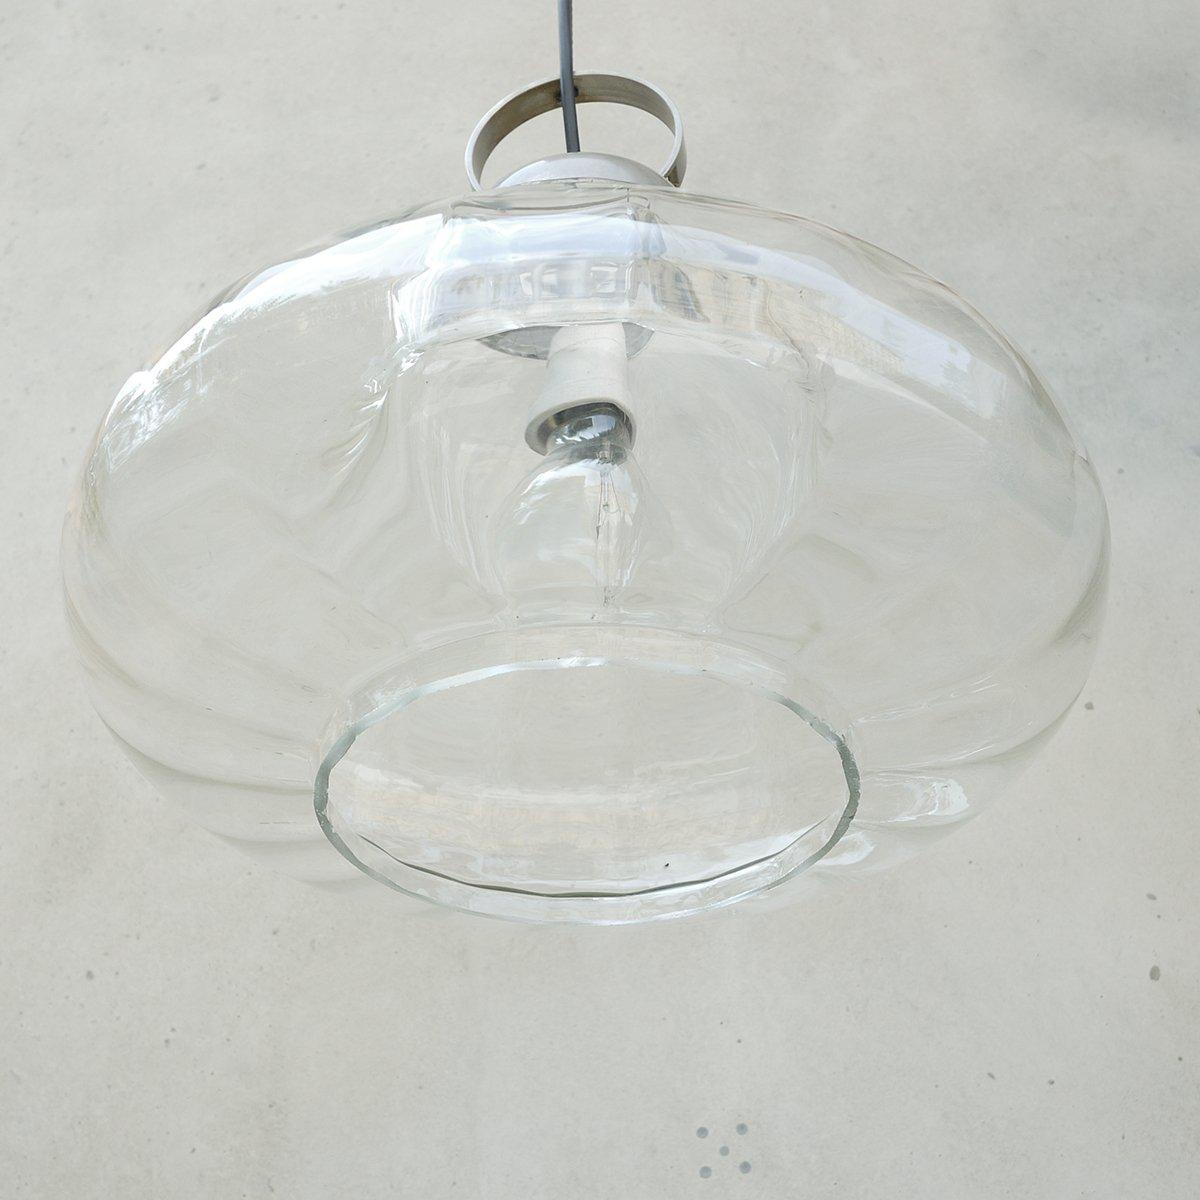 vintage h ngelampe aus lichtdurchl ssigem glas bei pamono kaufen. Black Bedroom Furniture Sets. Home Design Ideas